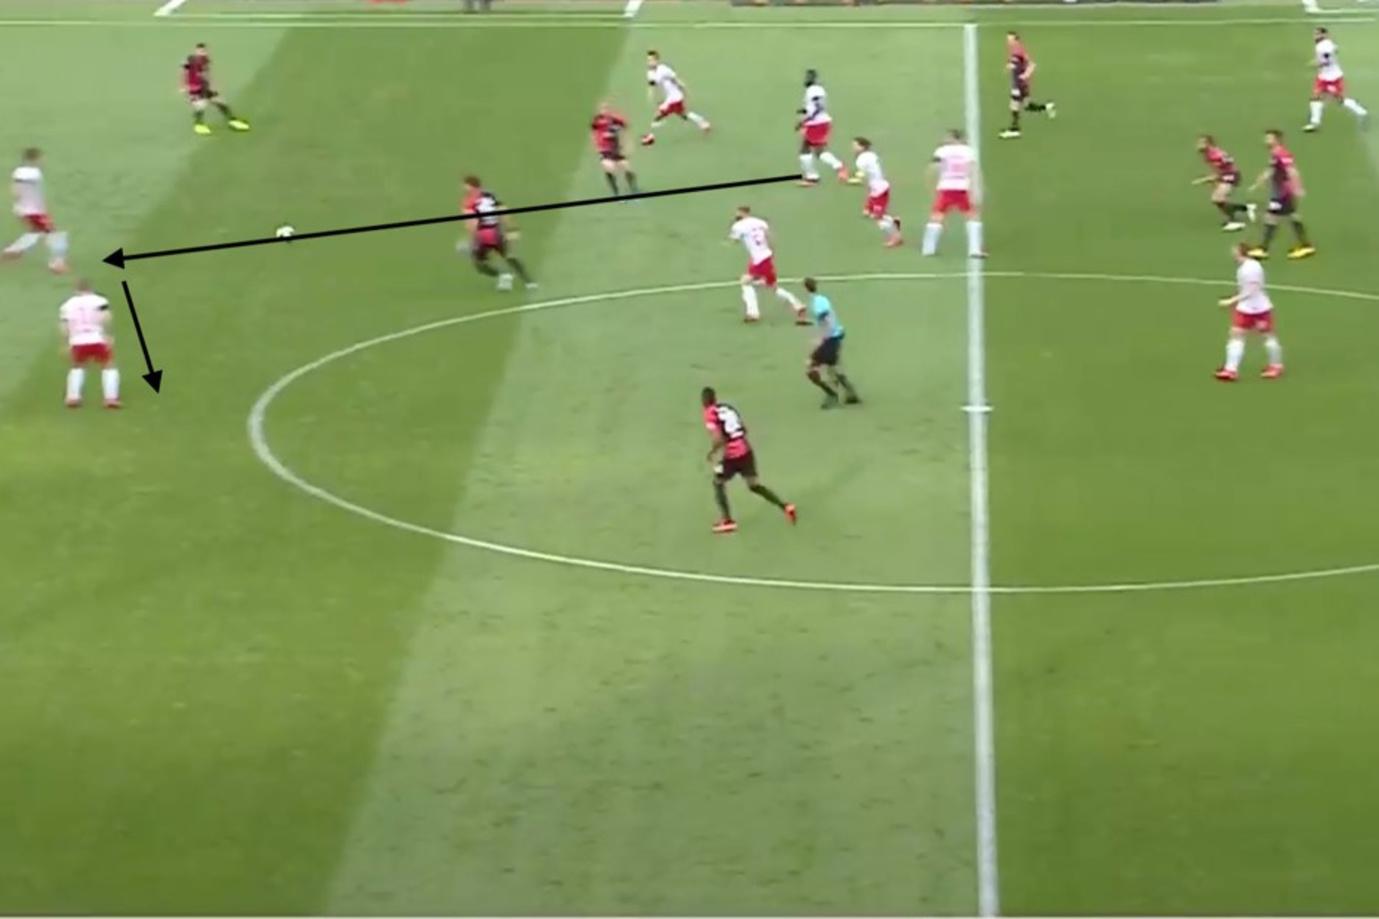 Upamecano speelt in op de afhakende Poulsen, die kaatst op Werner die goed tussen de lijnen staat en alleen op de laatste verdediger kan afstormen. In Duitsland staat dit bekend als het Steil-Klatsch principe. Bij ons noemen we dat vaak 'de derde man'., Sky Sports